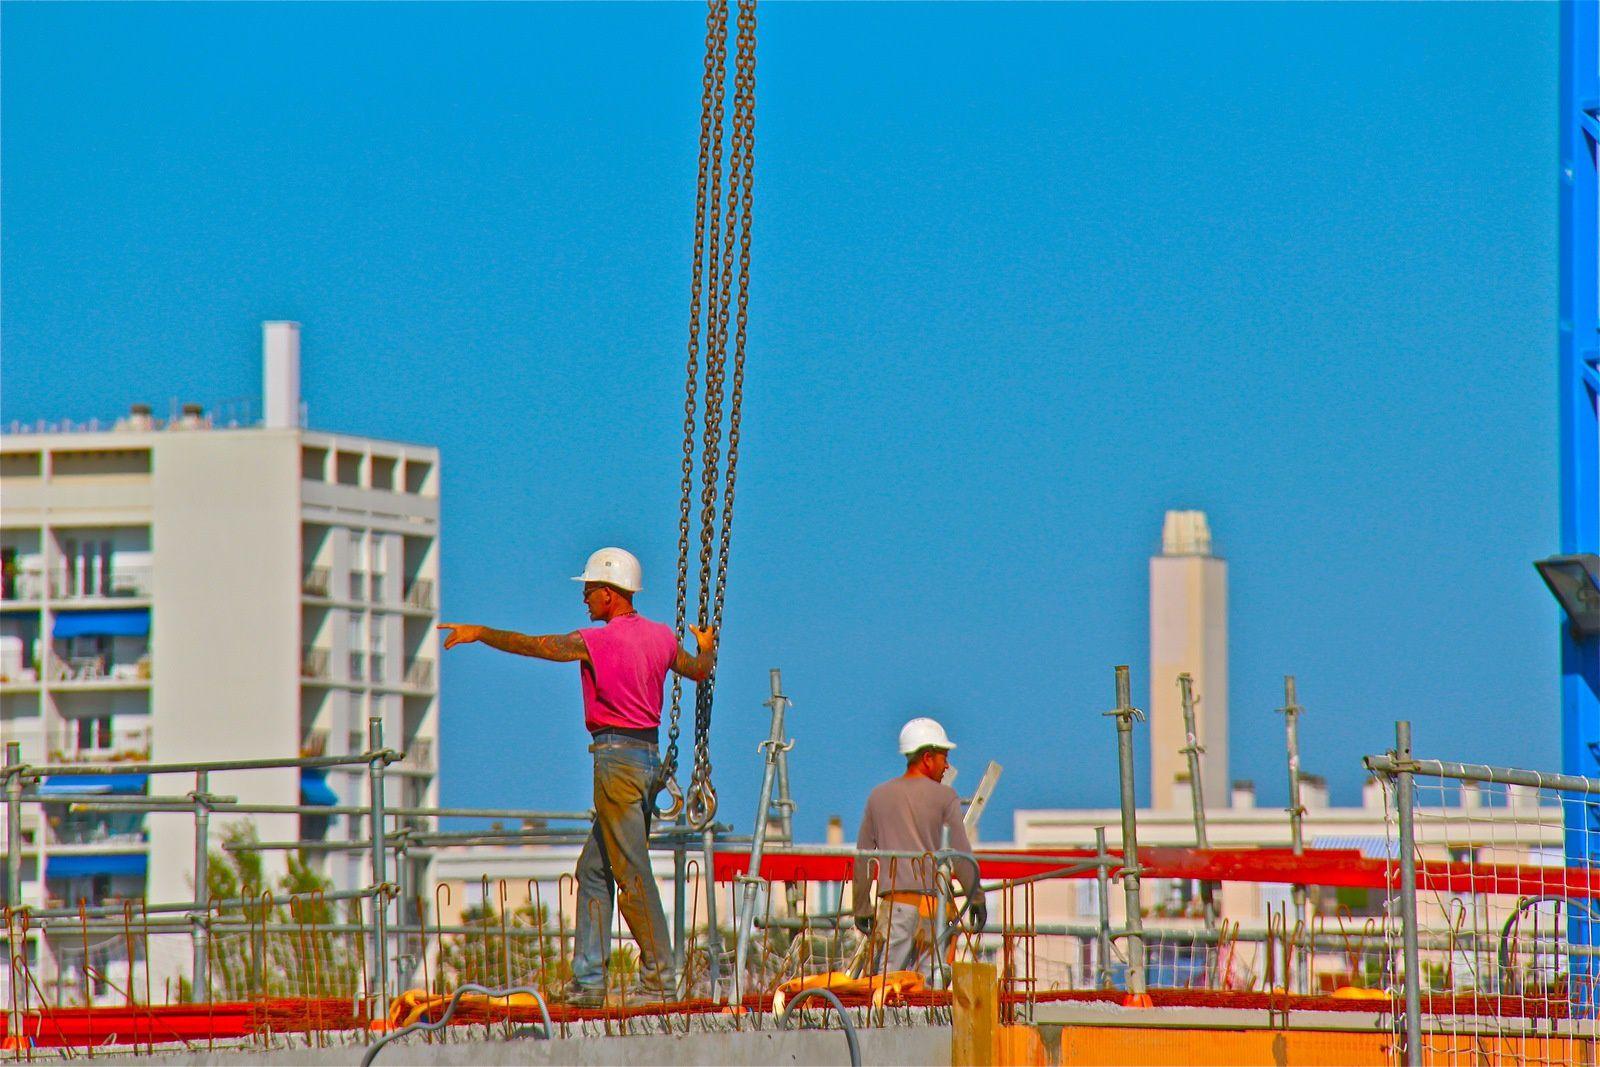 Les photos ci-dessus présentent un aperçu des constructions en cours : 1/ Côté Grasset, bt A5-A6 (sud) - 2/ Sous-sol Bt A3 1er plan, A4 (Sud-Est) - 3/ Sous-sol Bt A3 - 4/ Bt A6-A5 (vue du côté Nord) - 5 et 6/ Les techniciens à l'œuvre.